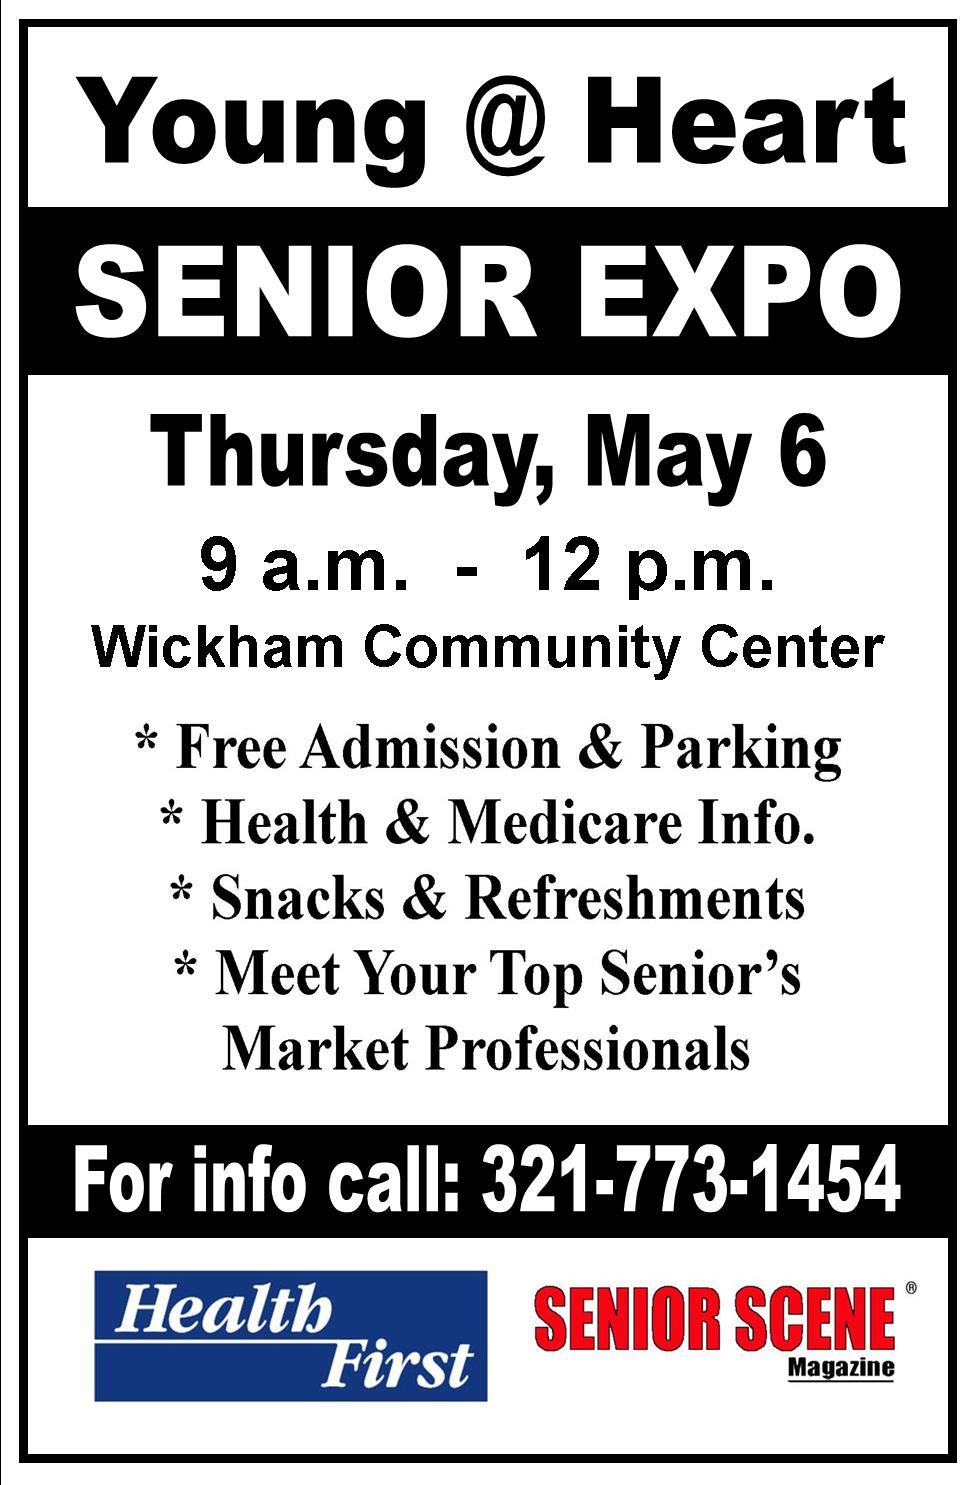 Young @ Heart Senior Expo